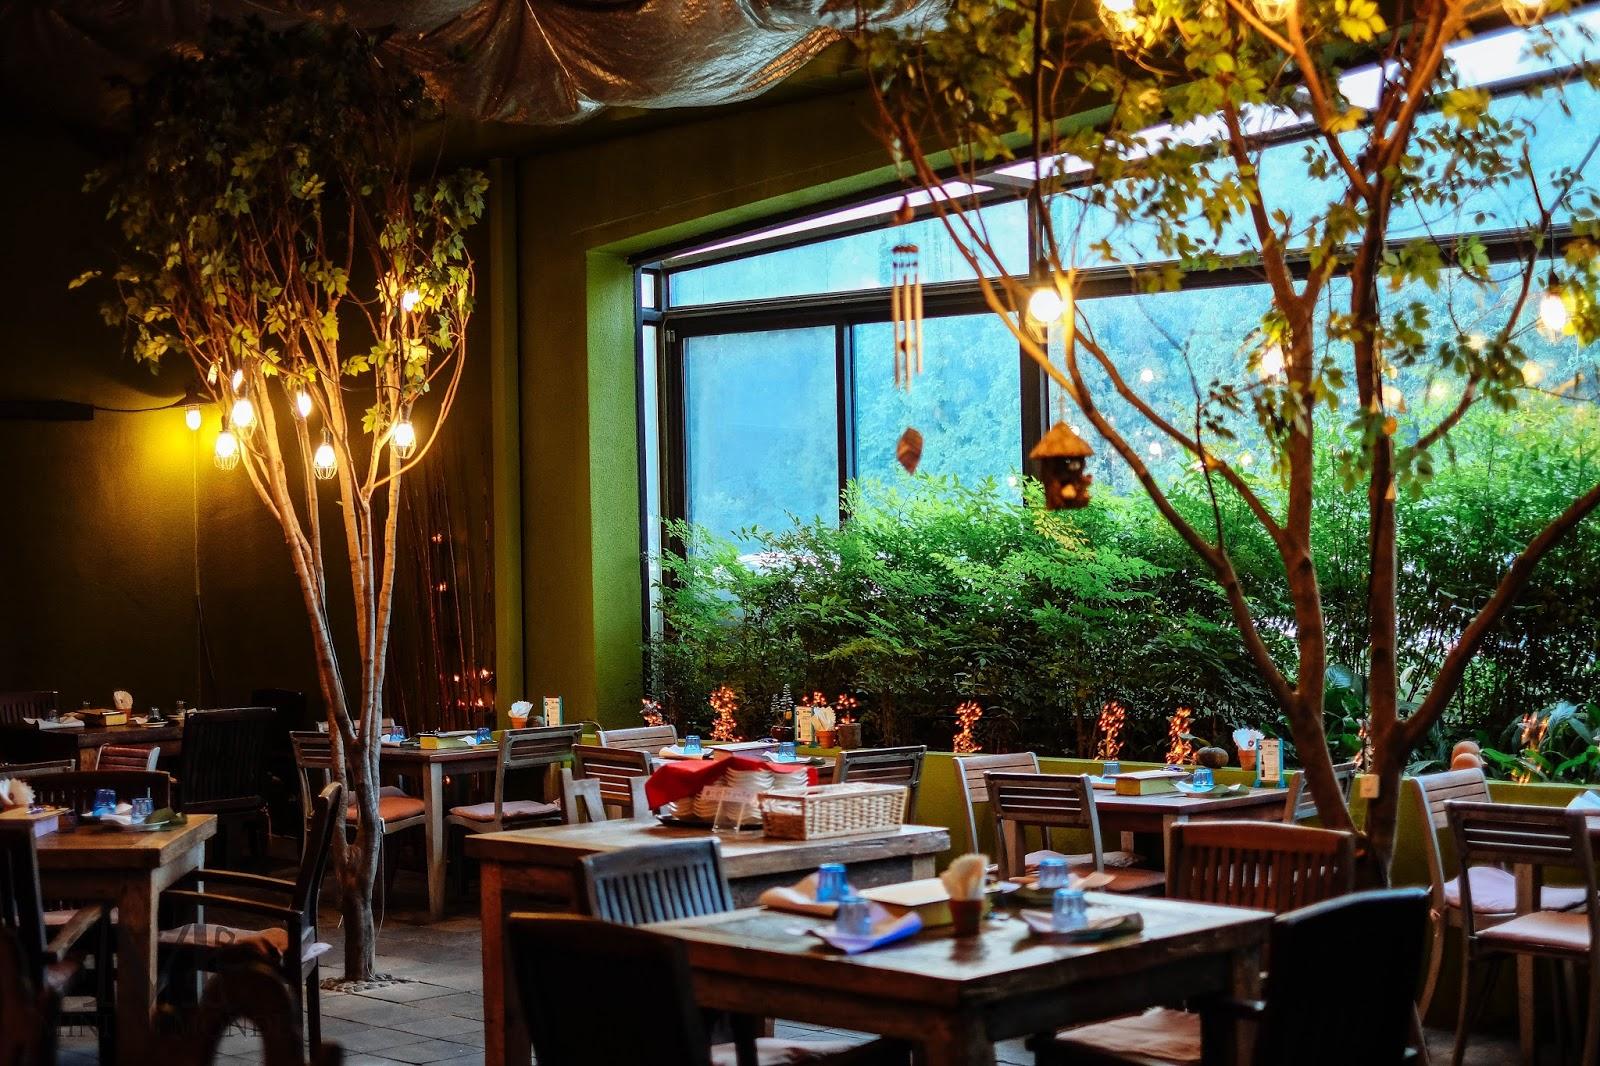 garden concept restaurant eunice 39 s garden mini en monde. Black Bedroom Furniture Sets. Home Design Ideas